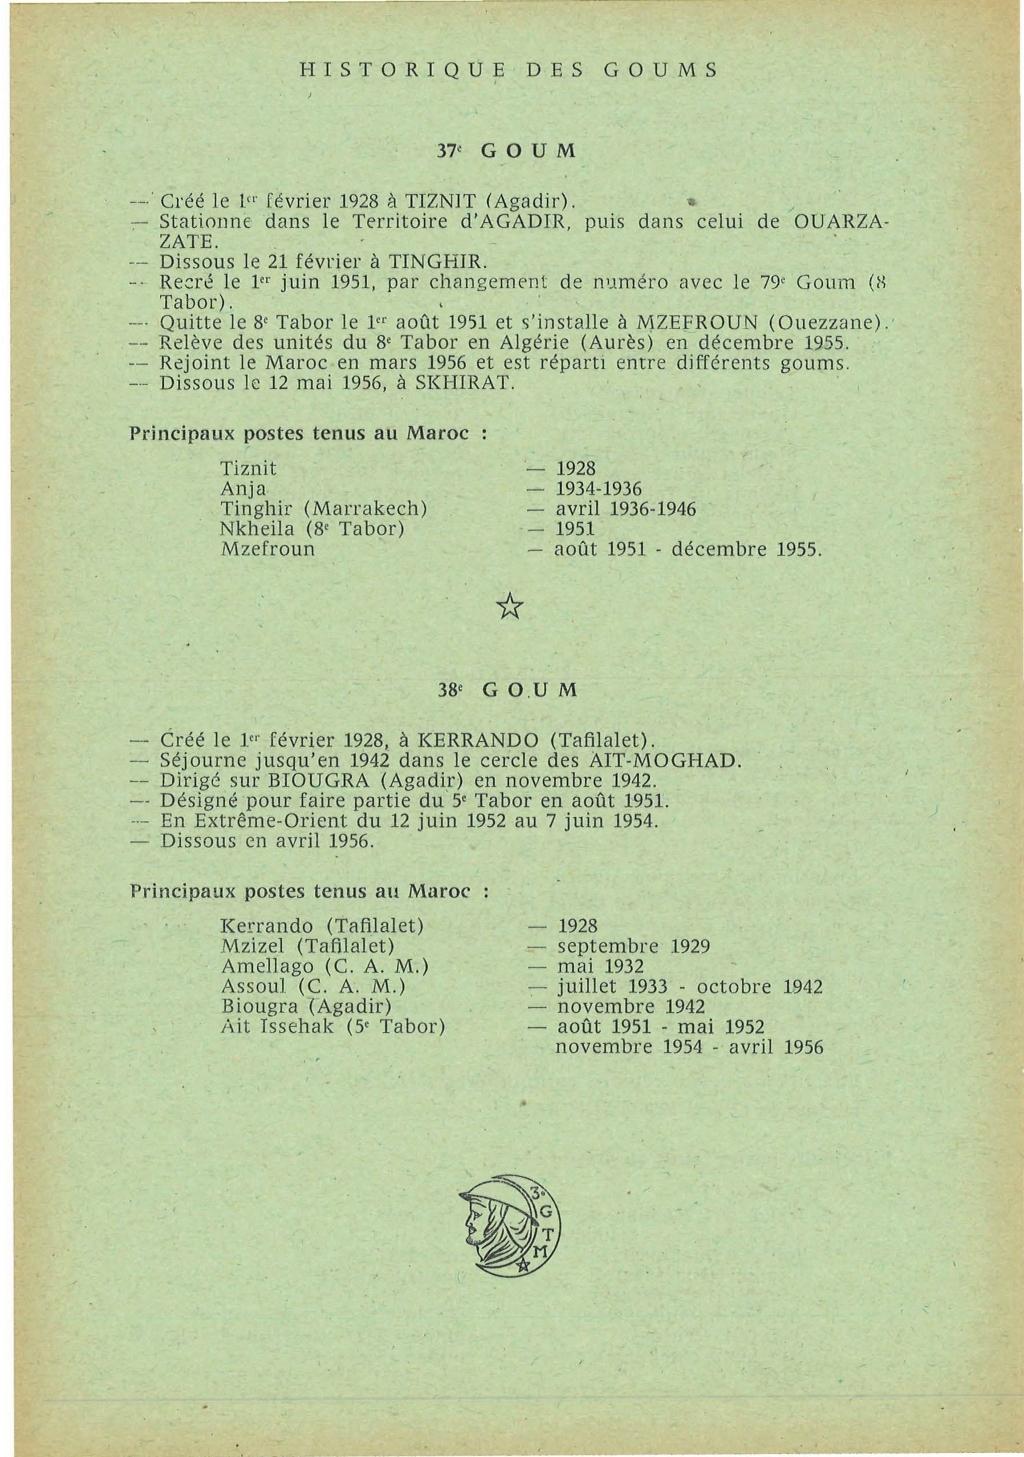 12 mai 1956 - Dissolution des Goumiers & integration aux FAR La_kou26